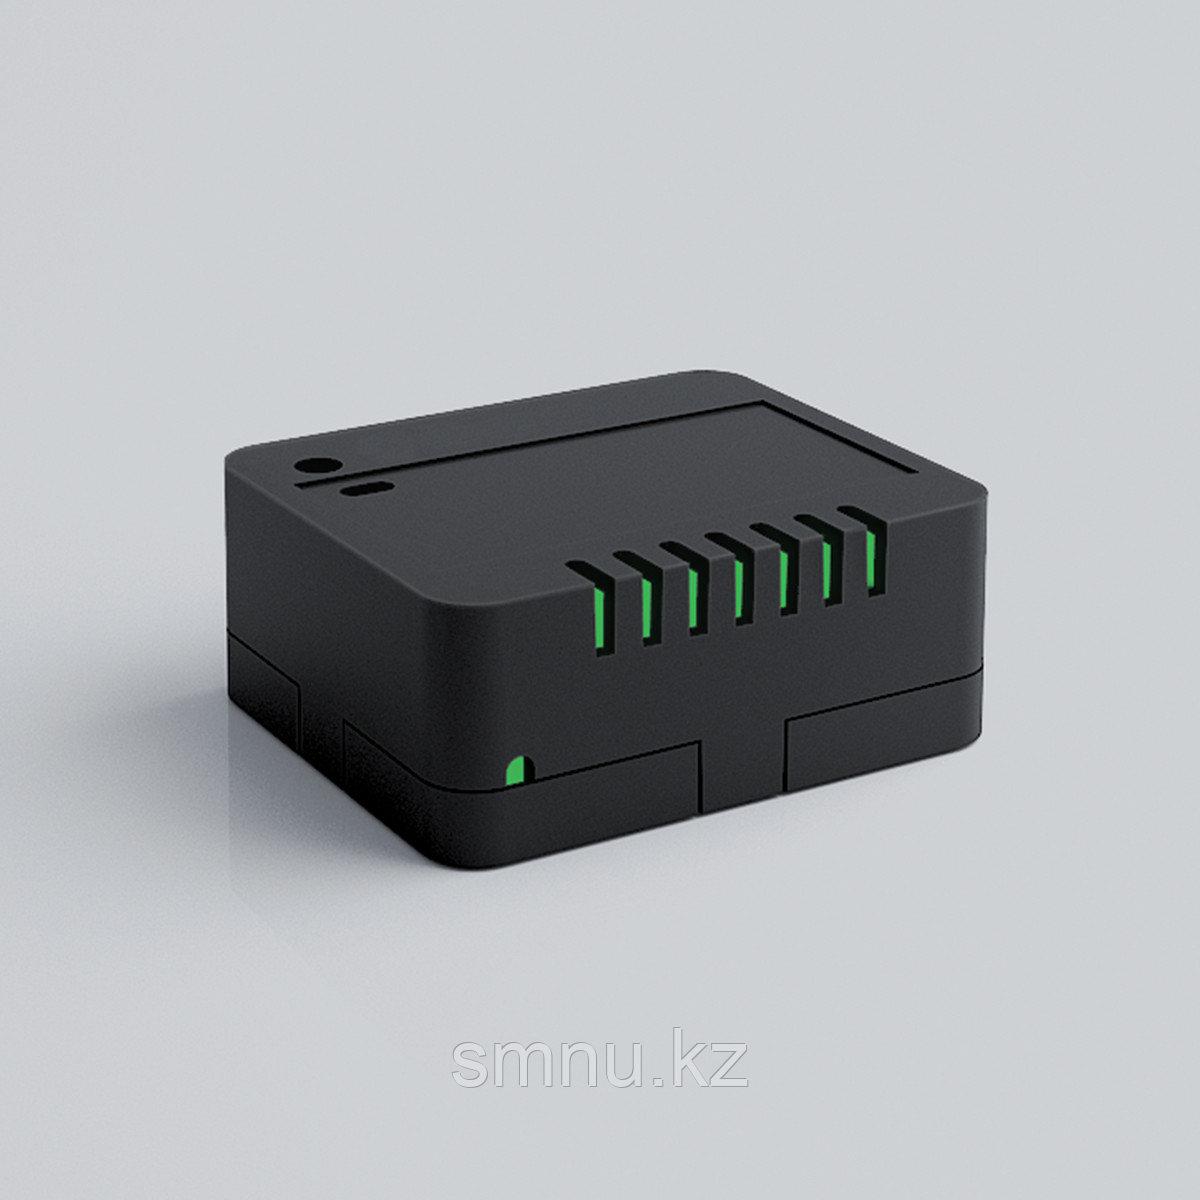 Livi Light Control - Модуль управления светом